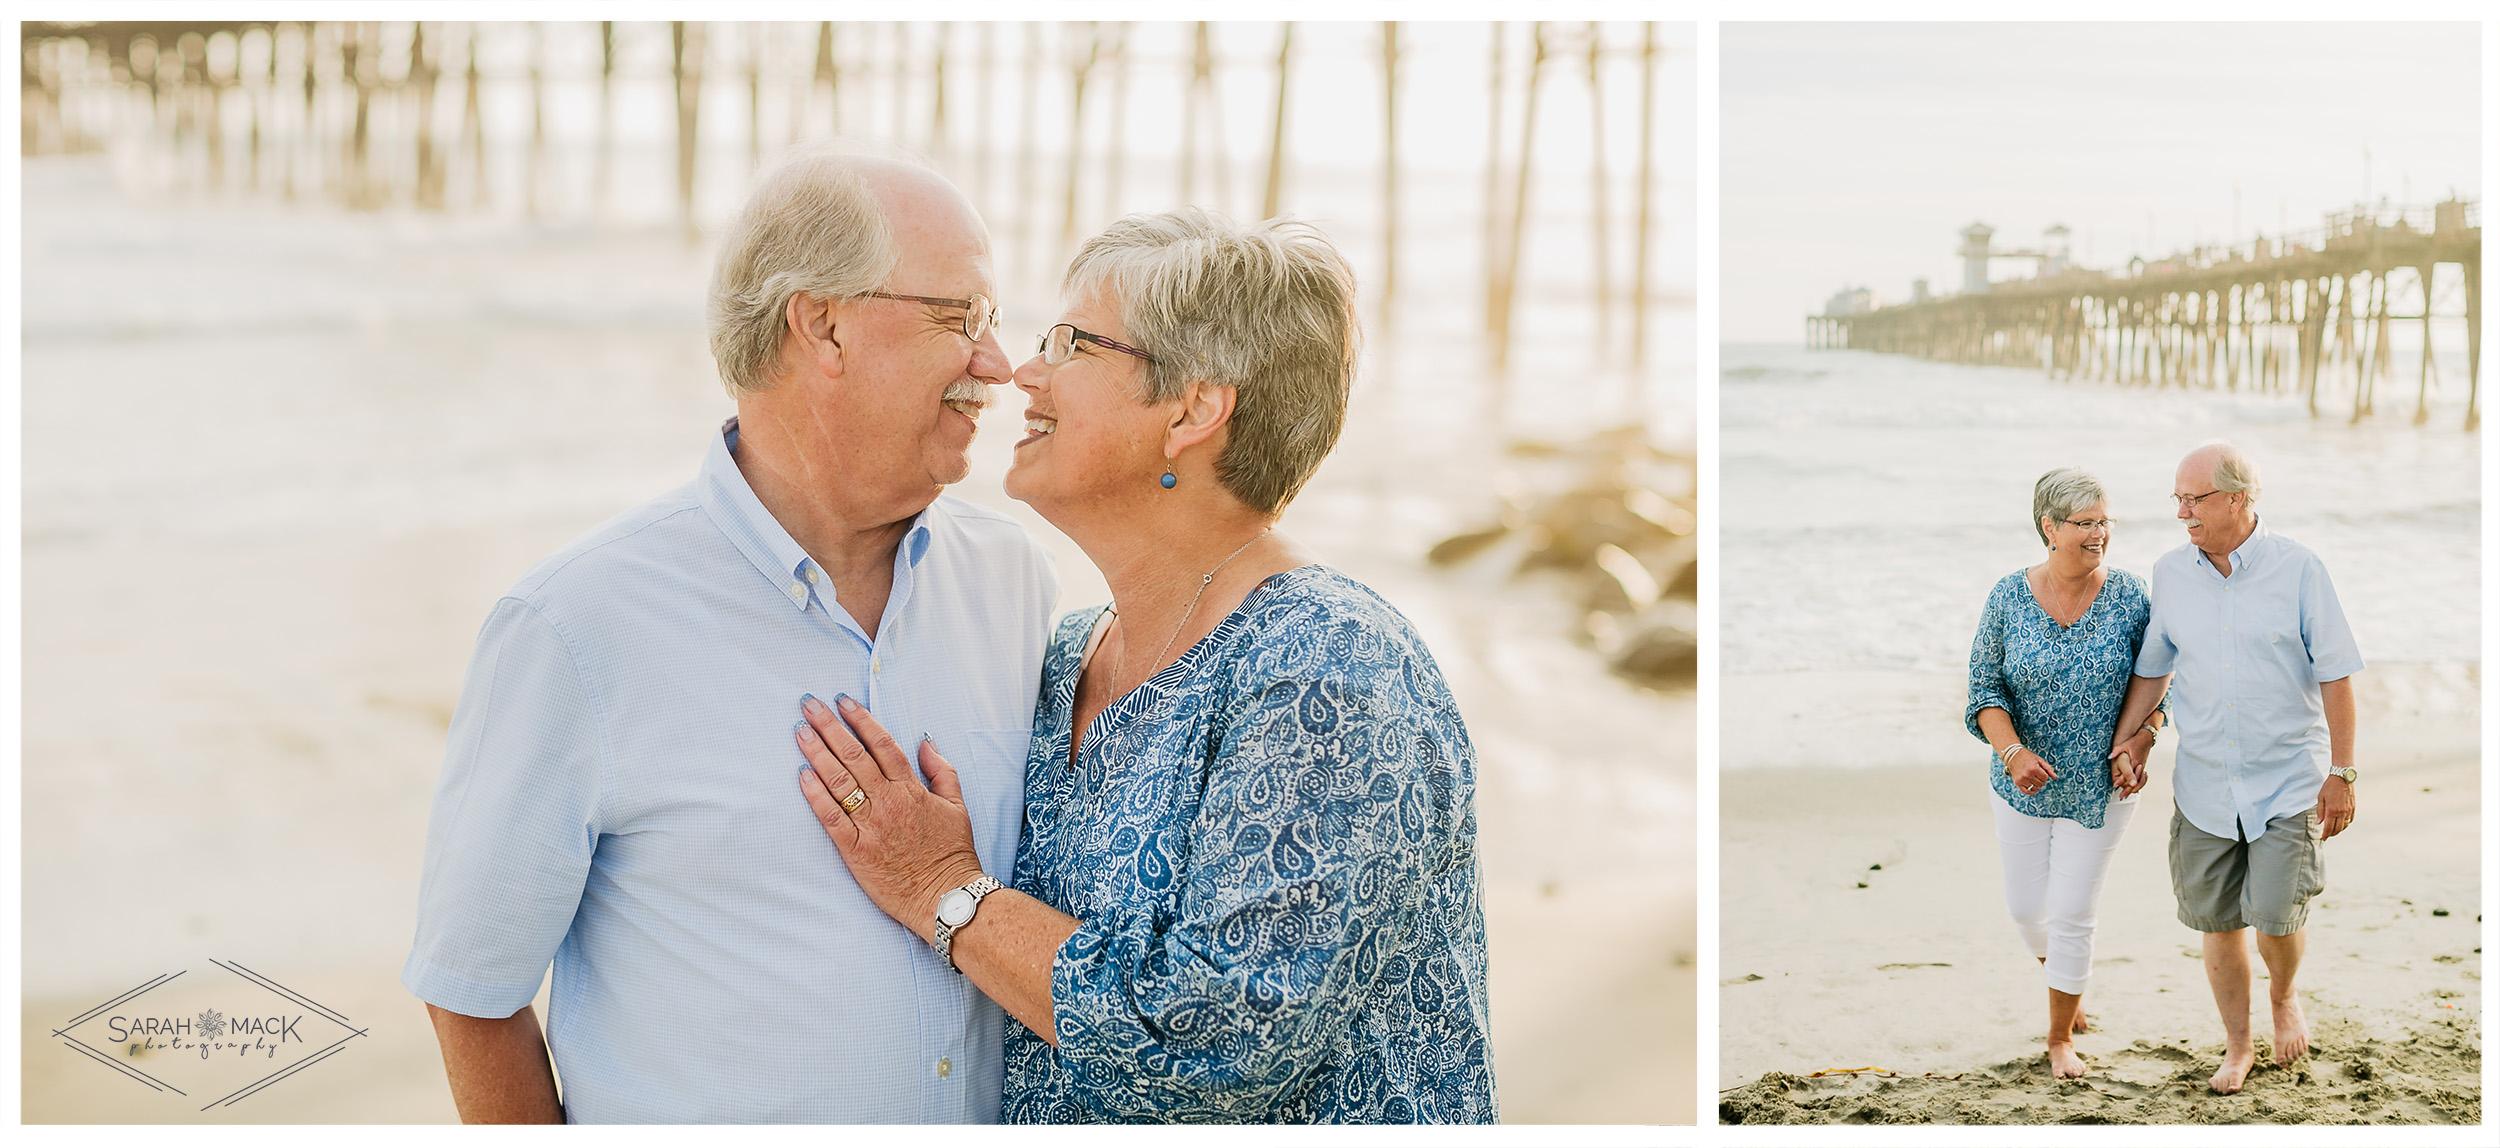 BP-Orange-County-Family-Photography-Oceanside-Pier-6.jpg